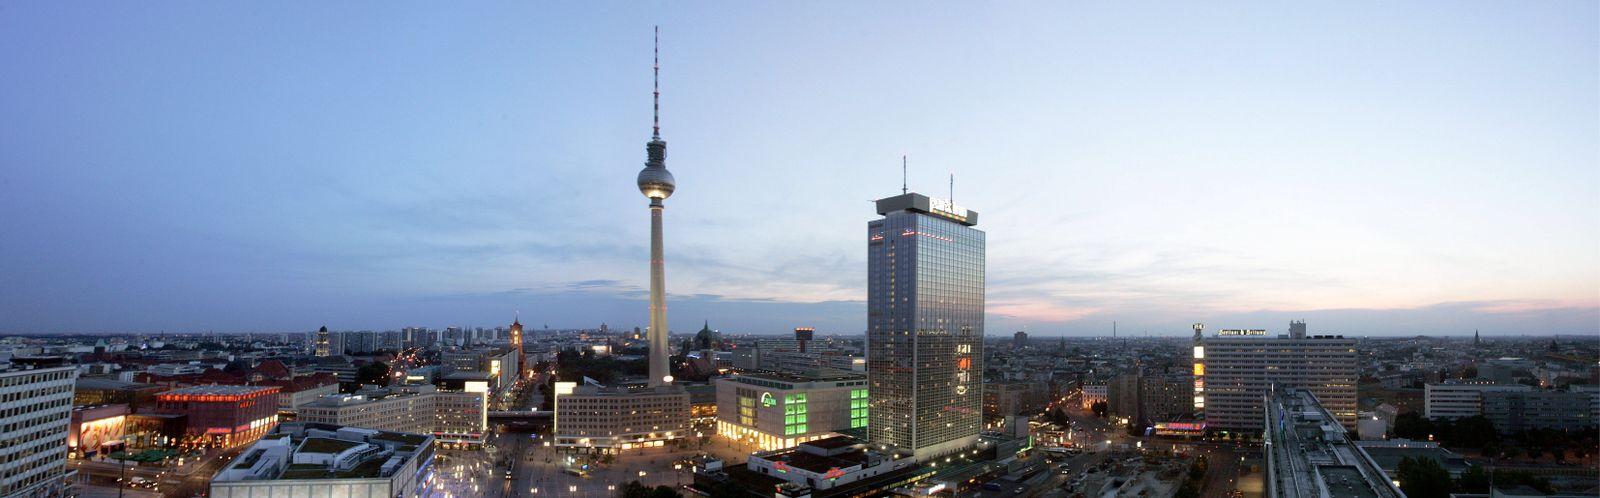 NICHT VERWENDEN Berlin / Skyline